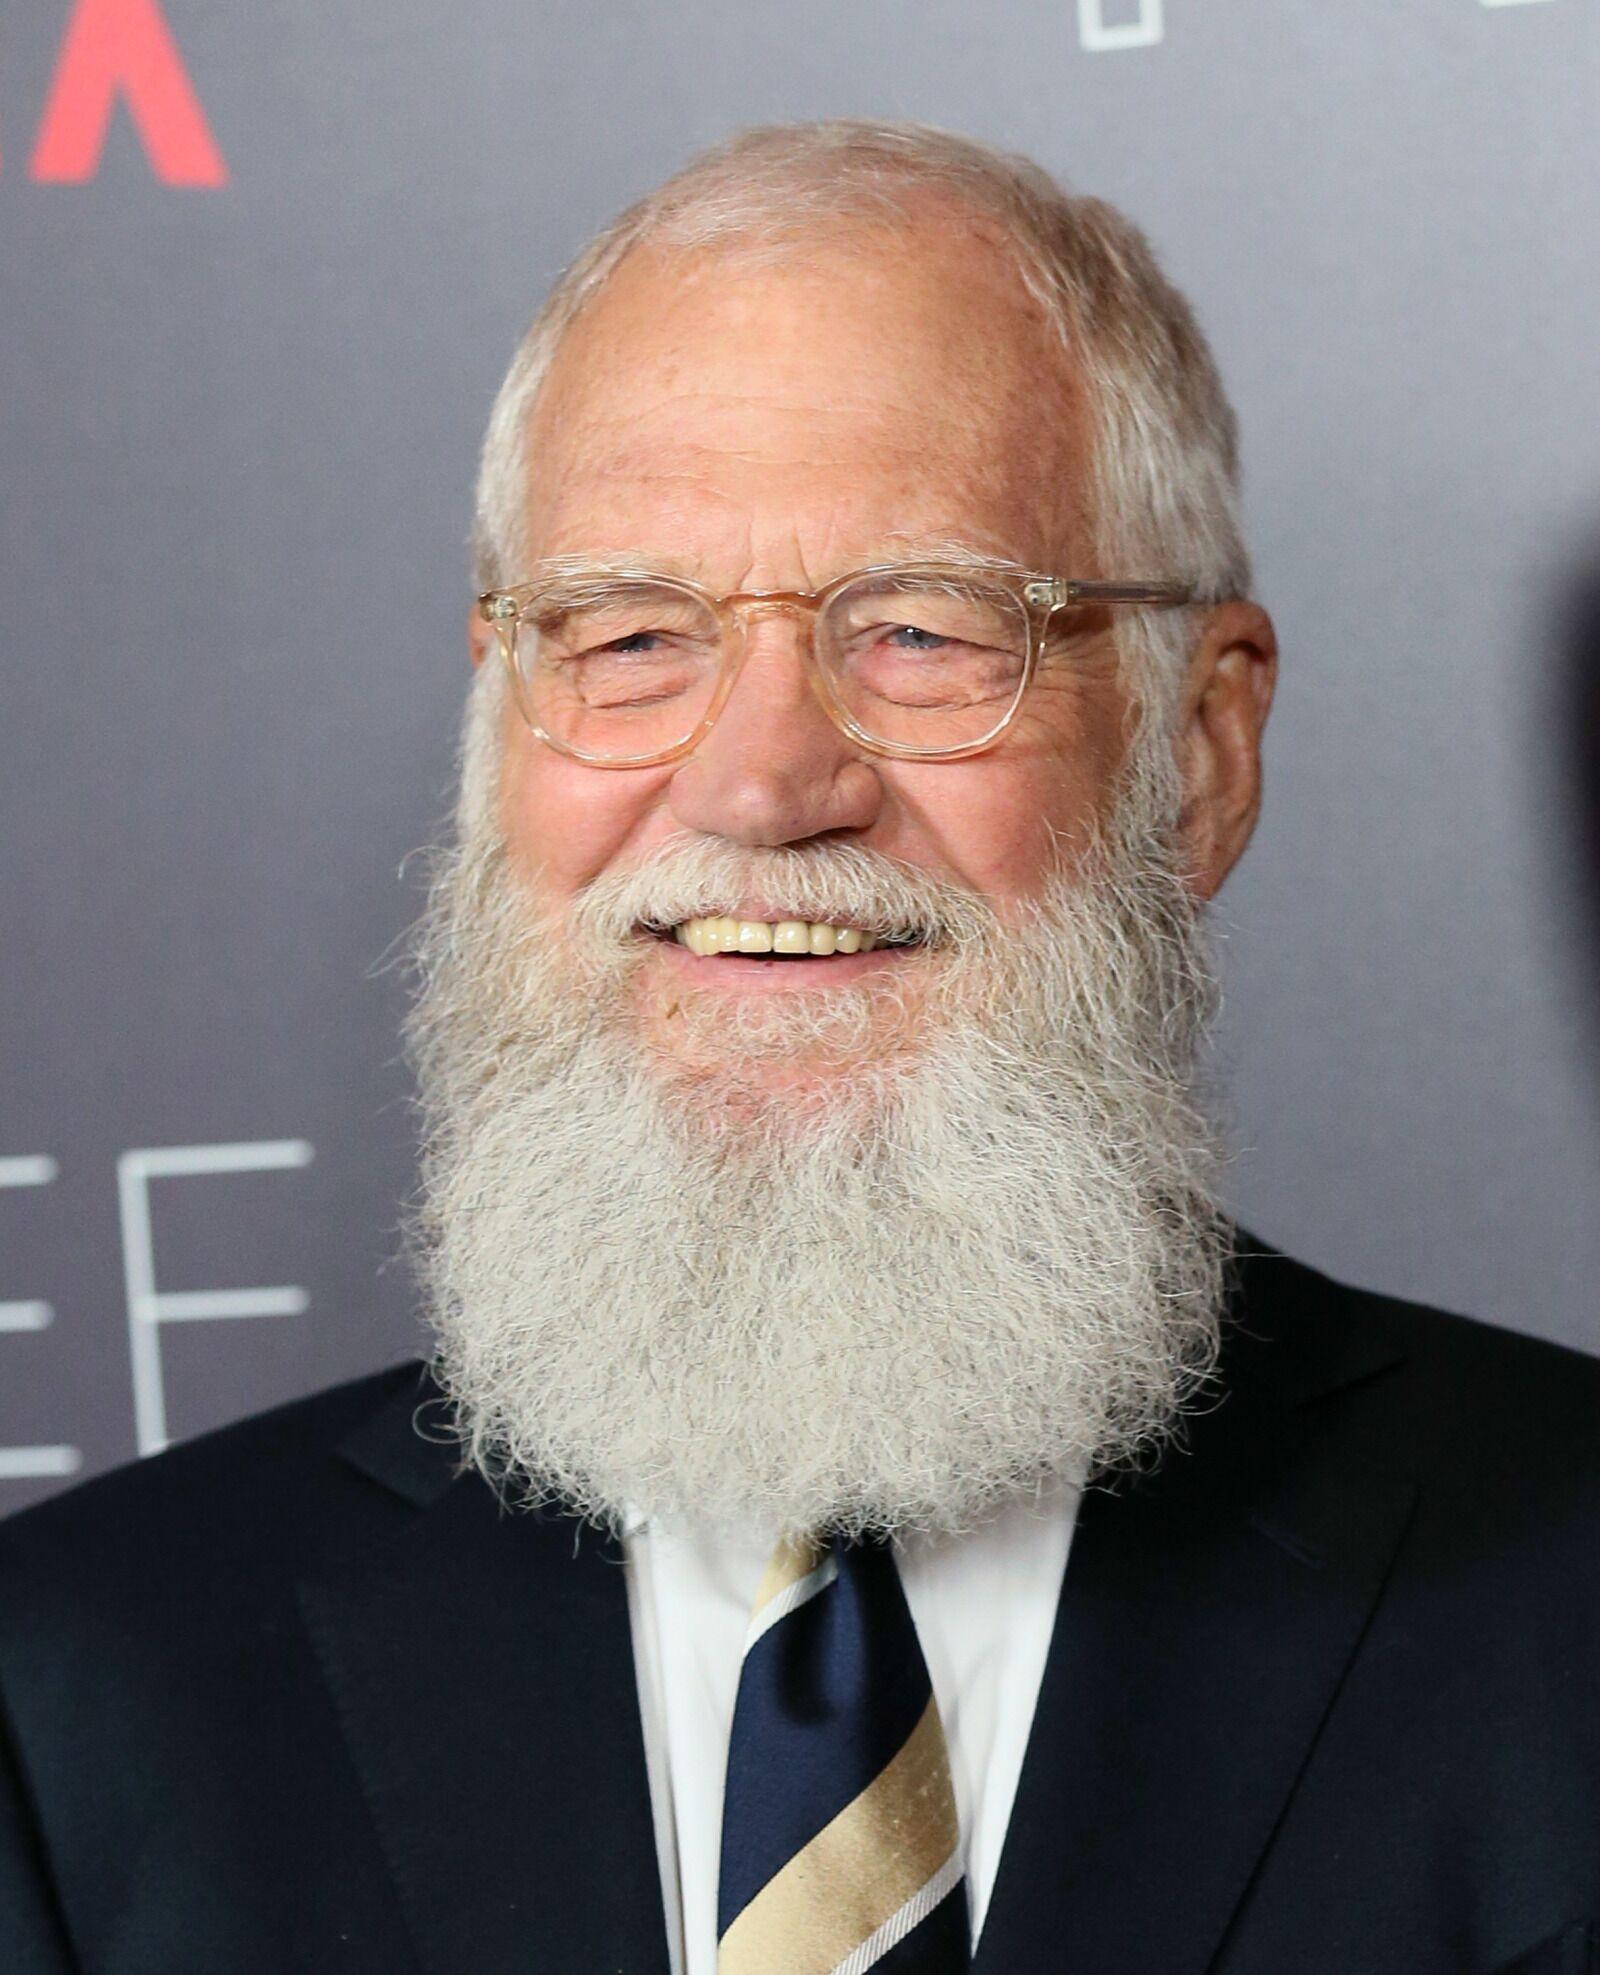 Norm Macdonald has a Show season 1, episode 4 recap: David Letterman